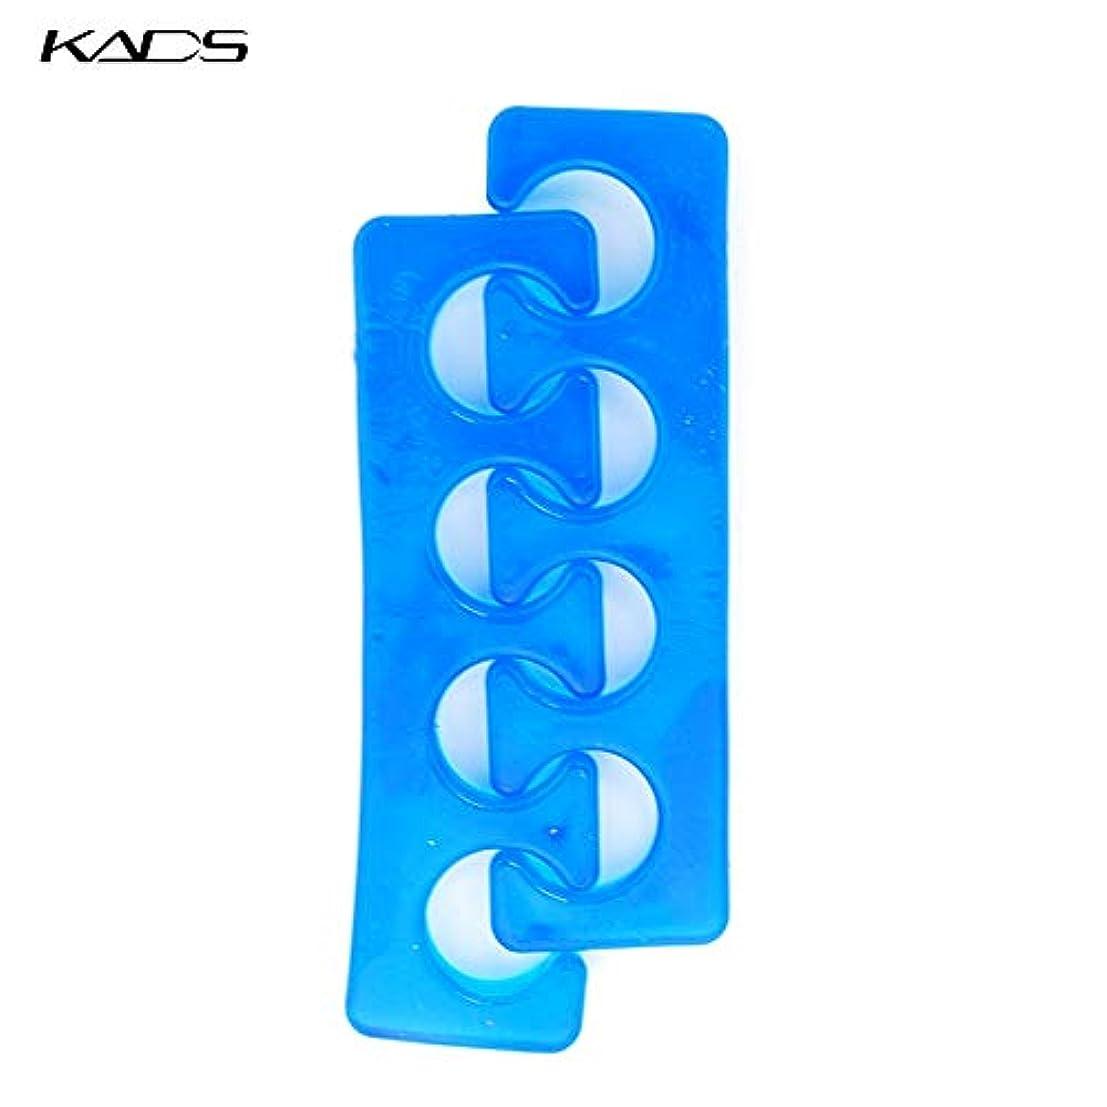 しがみつく無臭兵士KADS 足指セパレーター 柔らかいシリコン製 2個入り ネイルセパレーター トウセパレーター ネイルアート用 (ブルー)